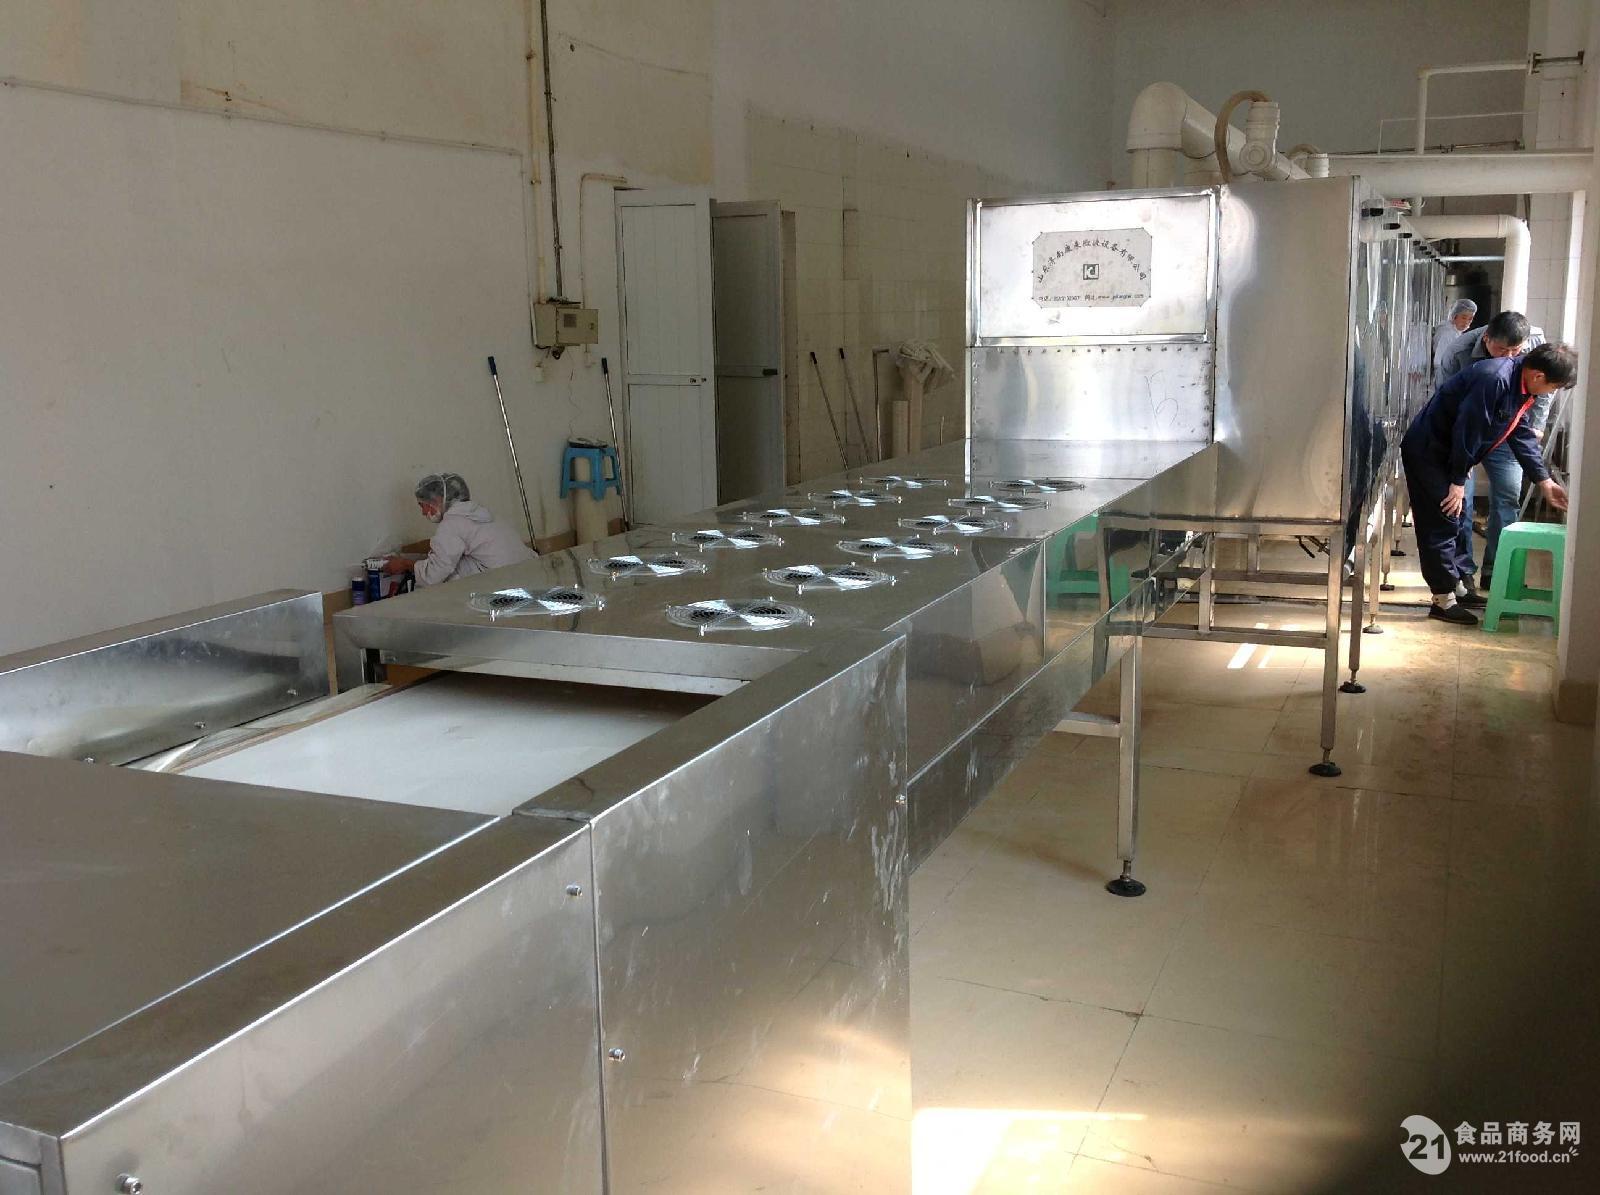 青岛乳胶粉扑烘干机,粉扑干燥杀菌设备,乳胶